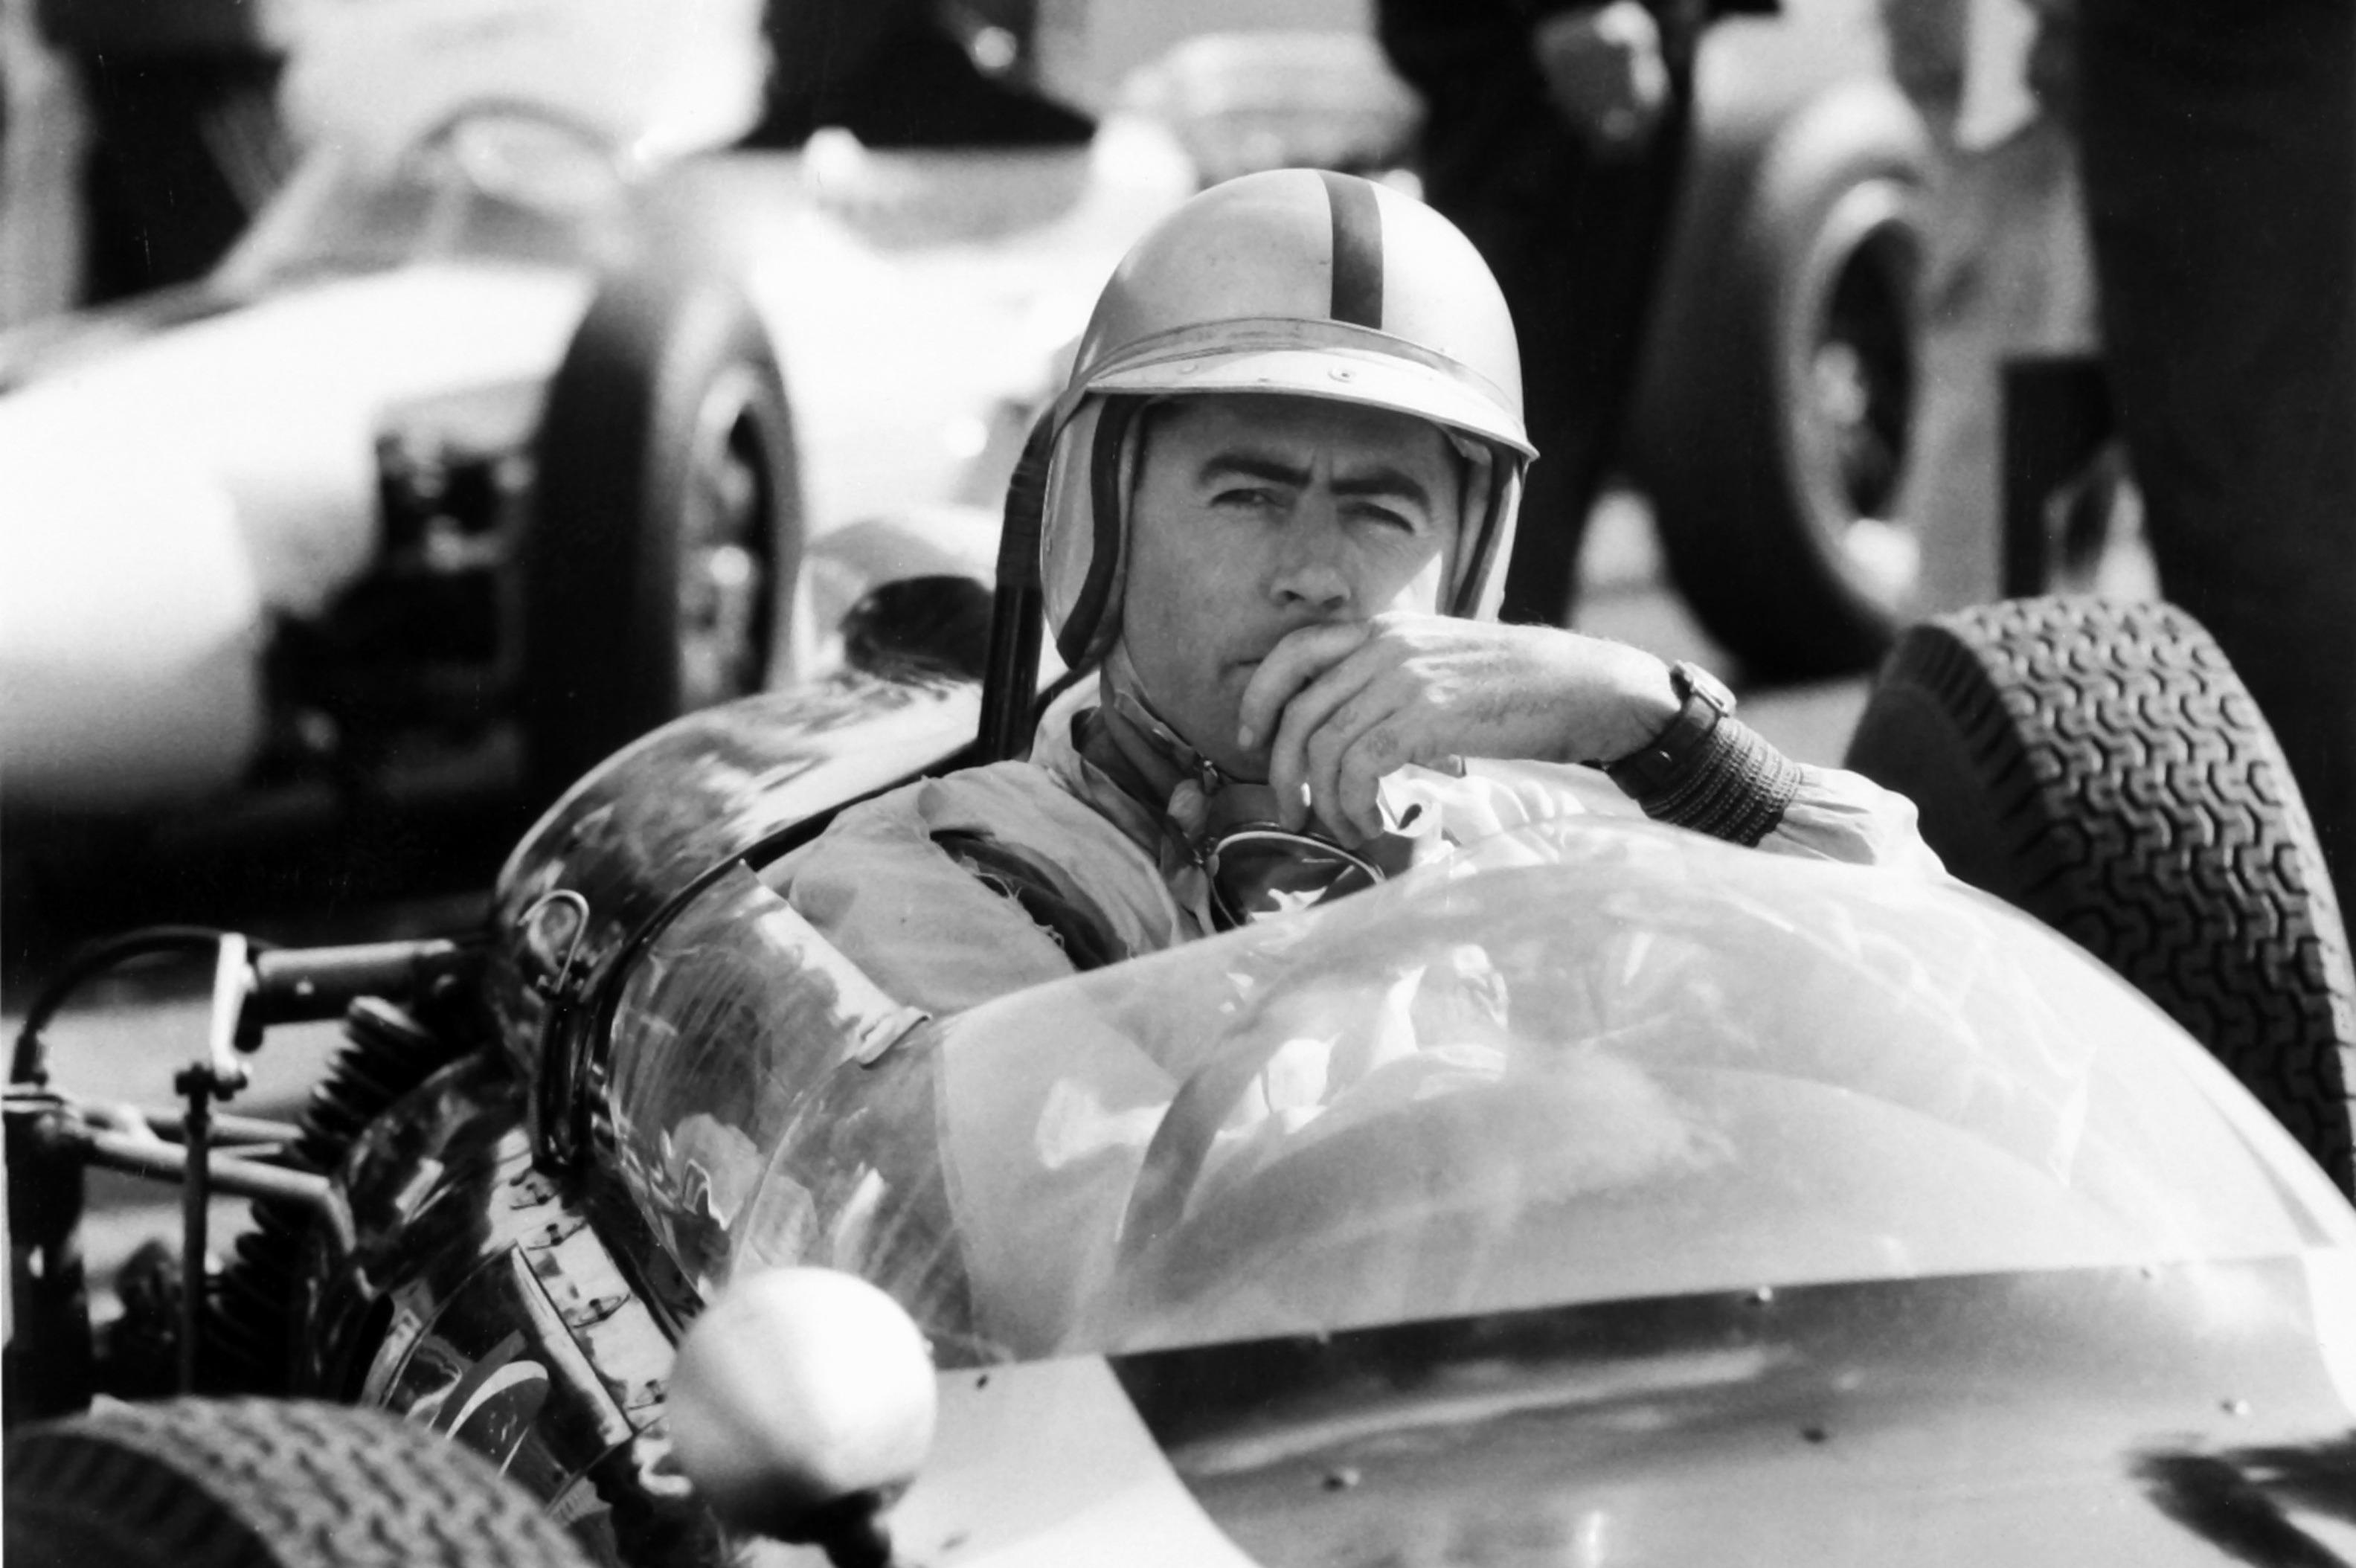 Jack Brabham, 1961 Monaco GP